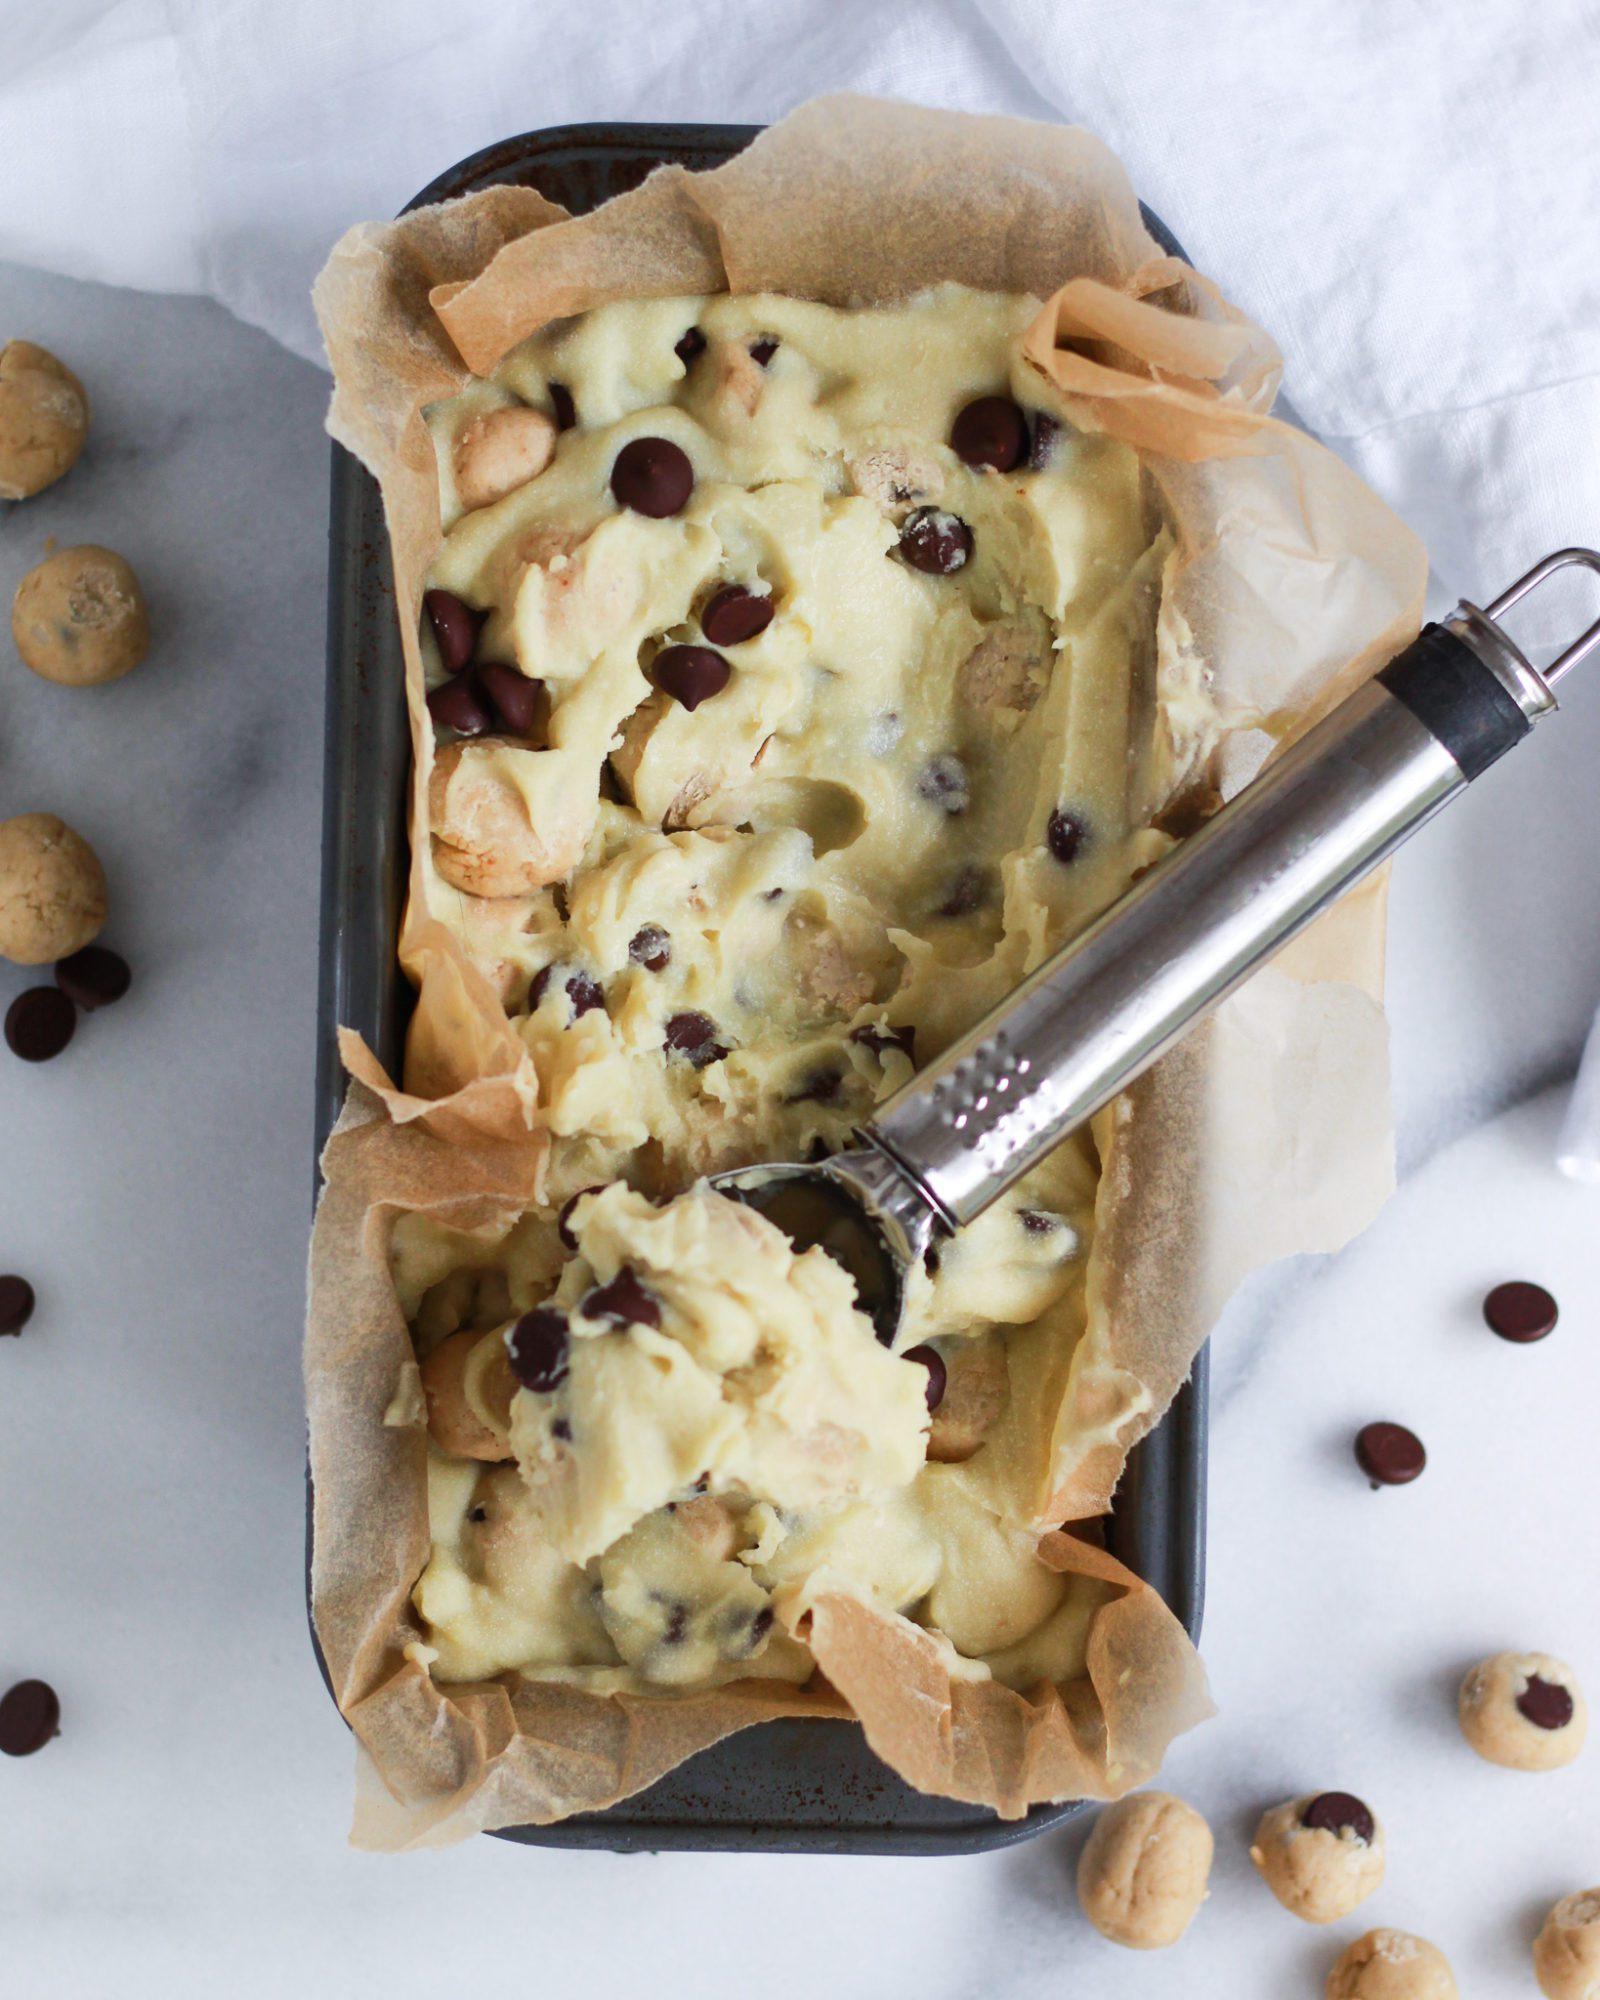 ice cream scoop scooping vegan cookie dough ice cream